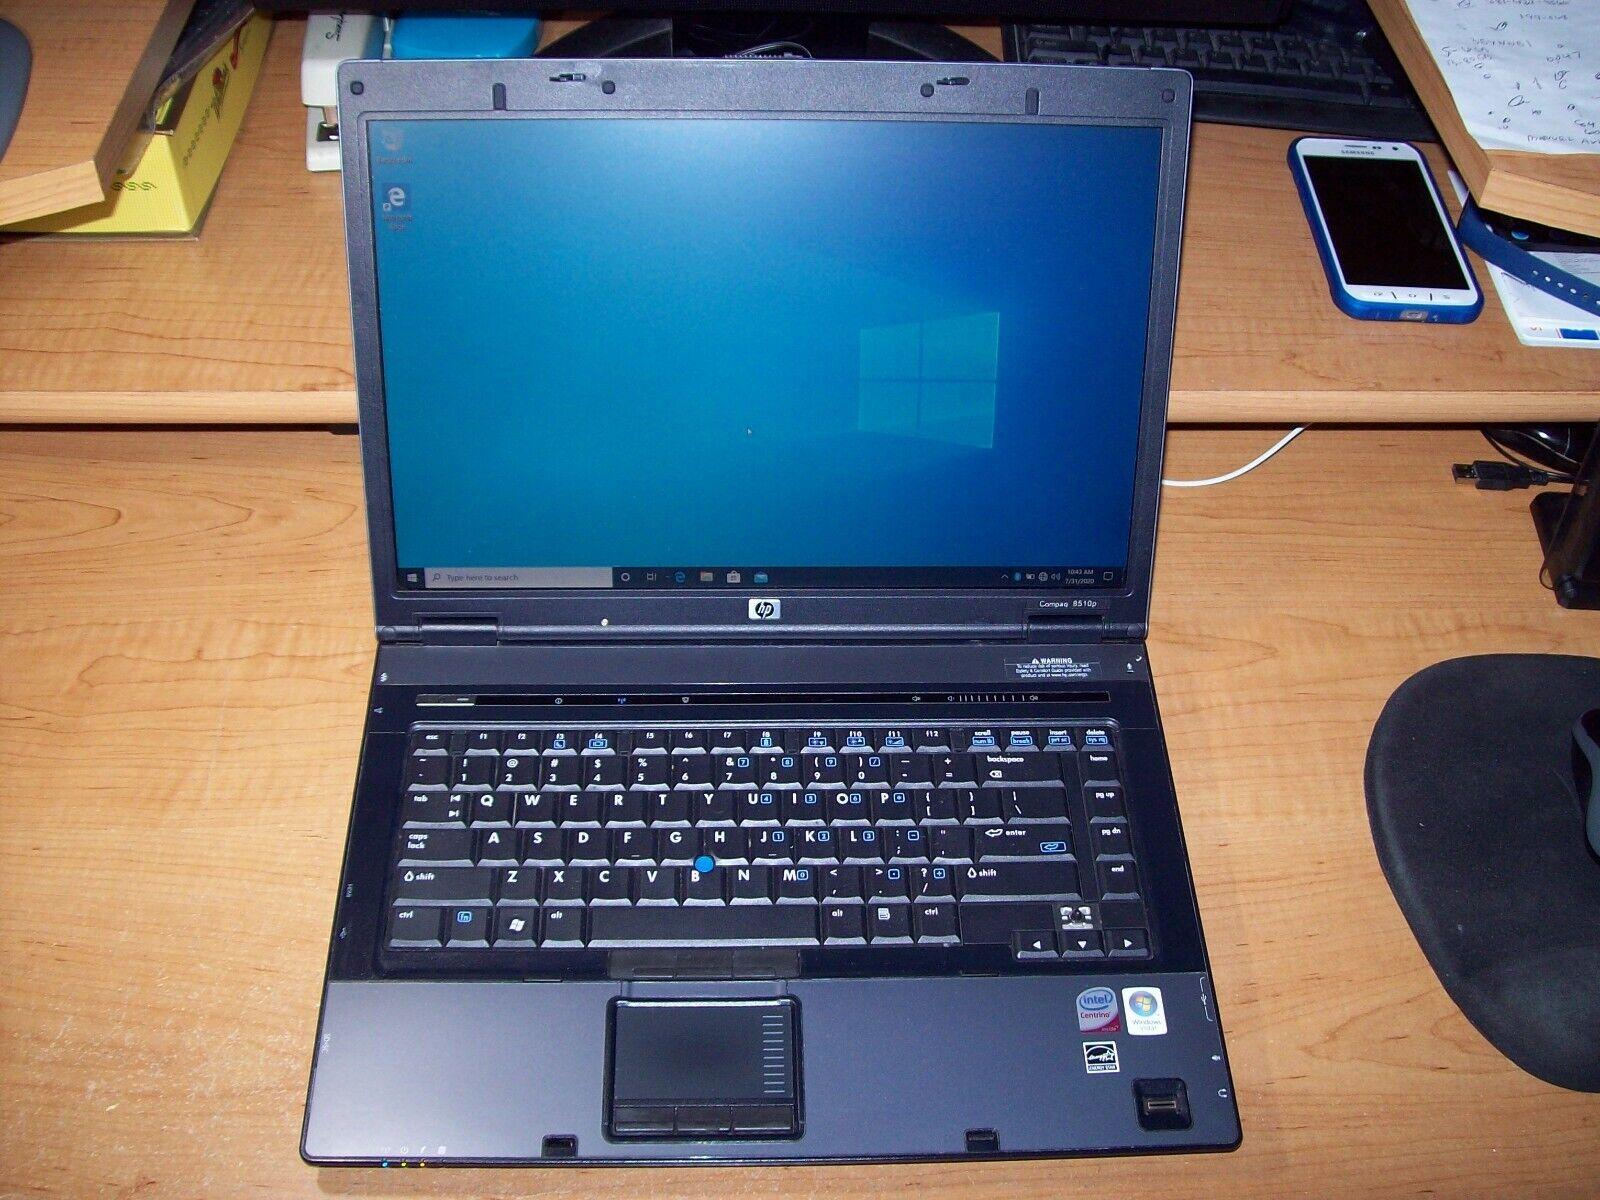 """Laptop Windows - HP COMPAQ 8510P 15""""LAPTOP WINDOWS 10 PRO 2GB 250GB HD CD DVD RW BLUETOOTH"""